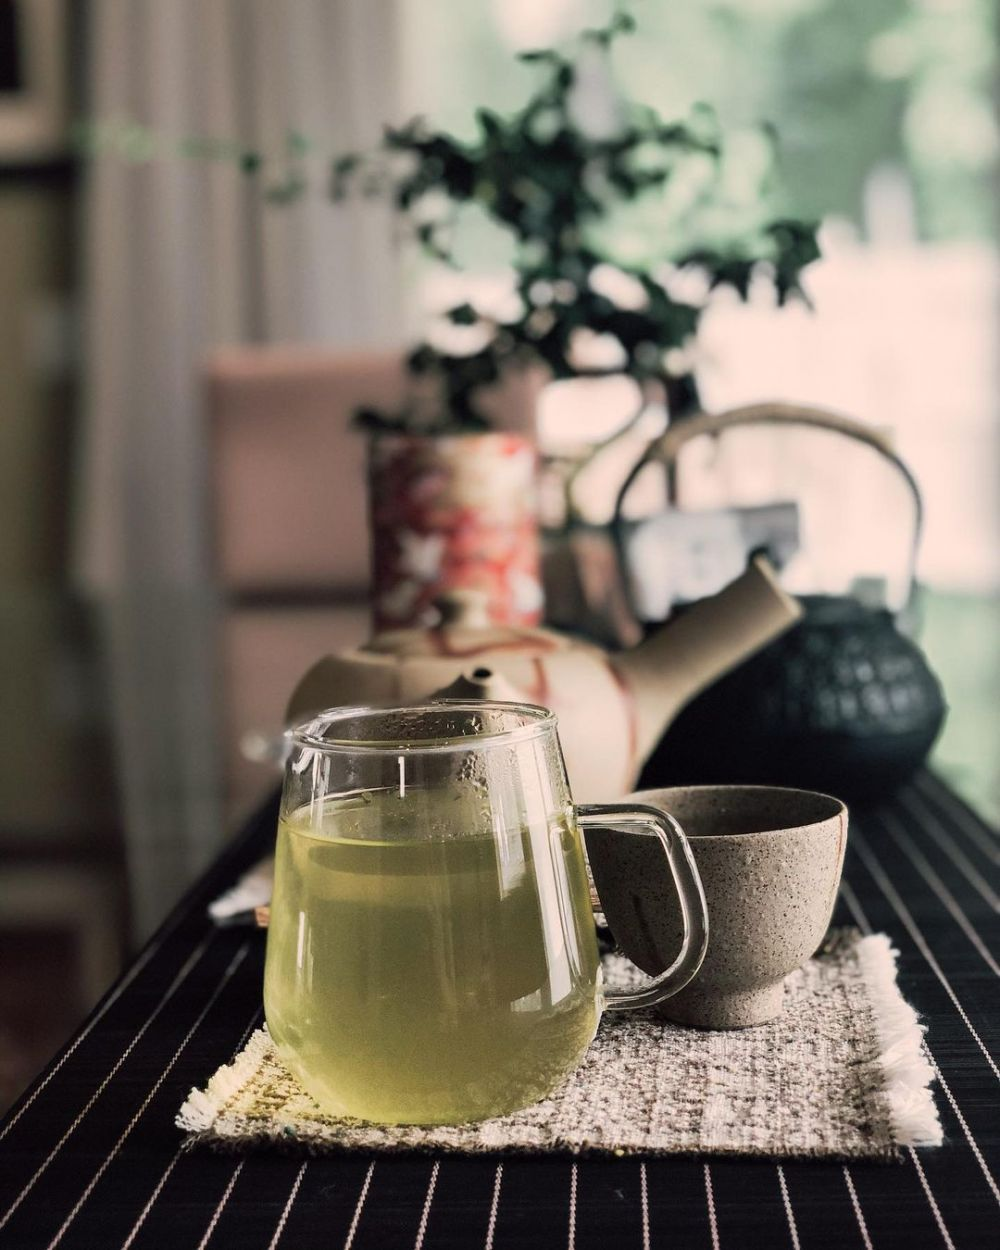 Jenis teh hijau beserta manfaatnya untuk kesehatan © berbagai sumber